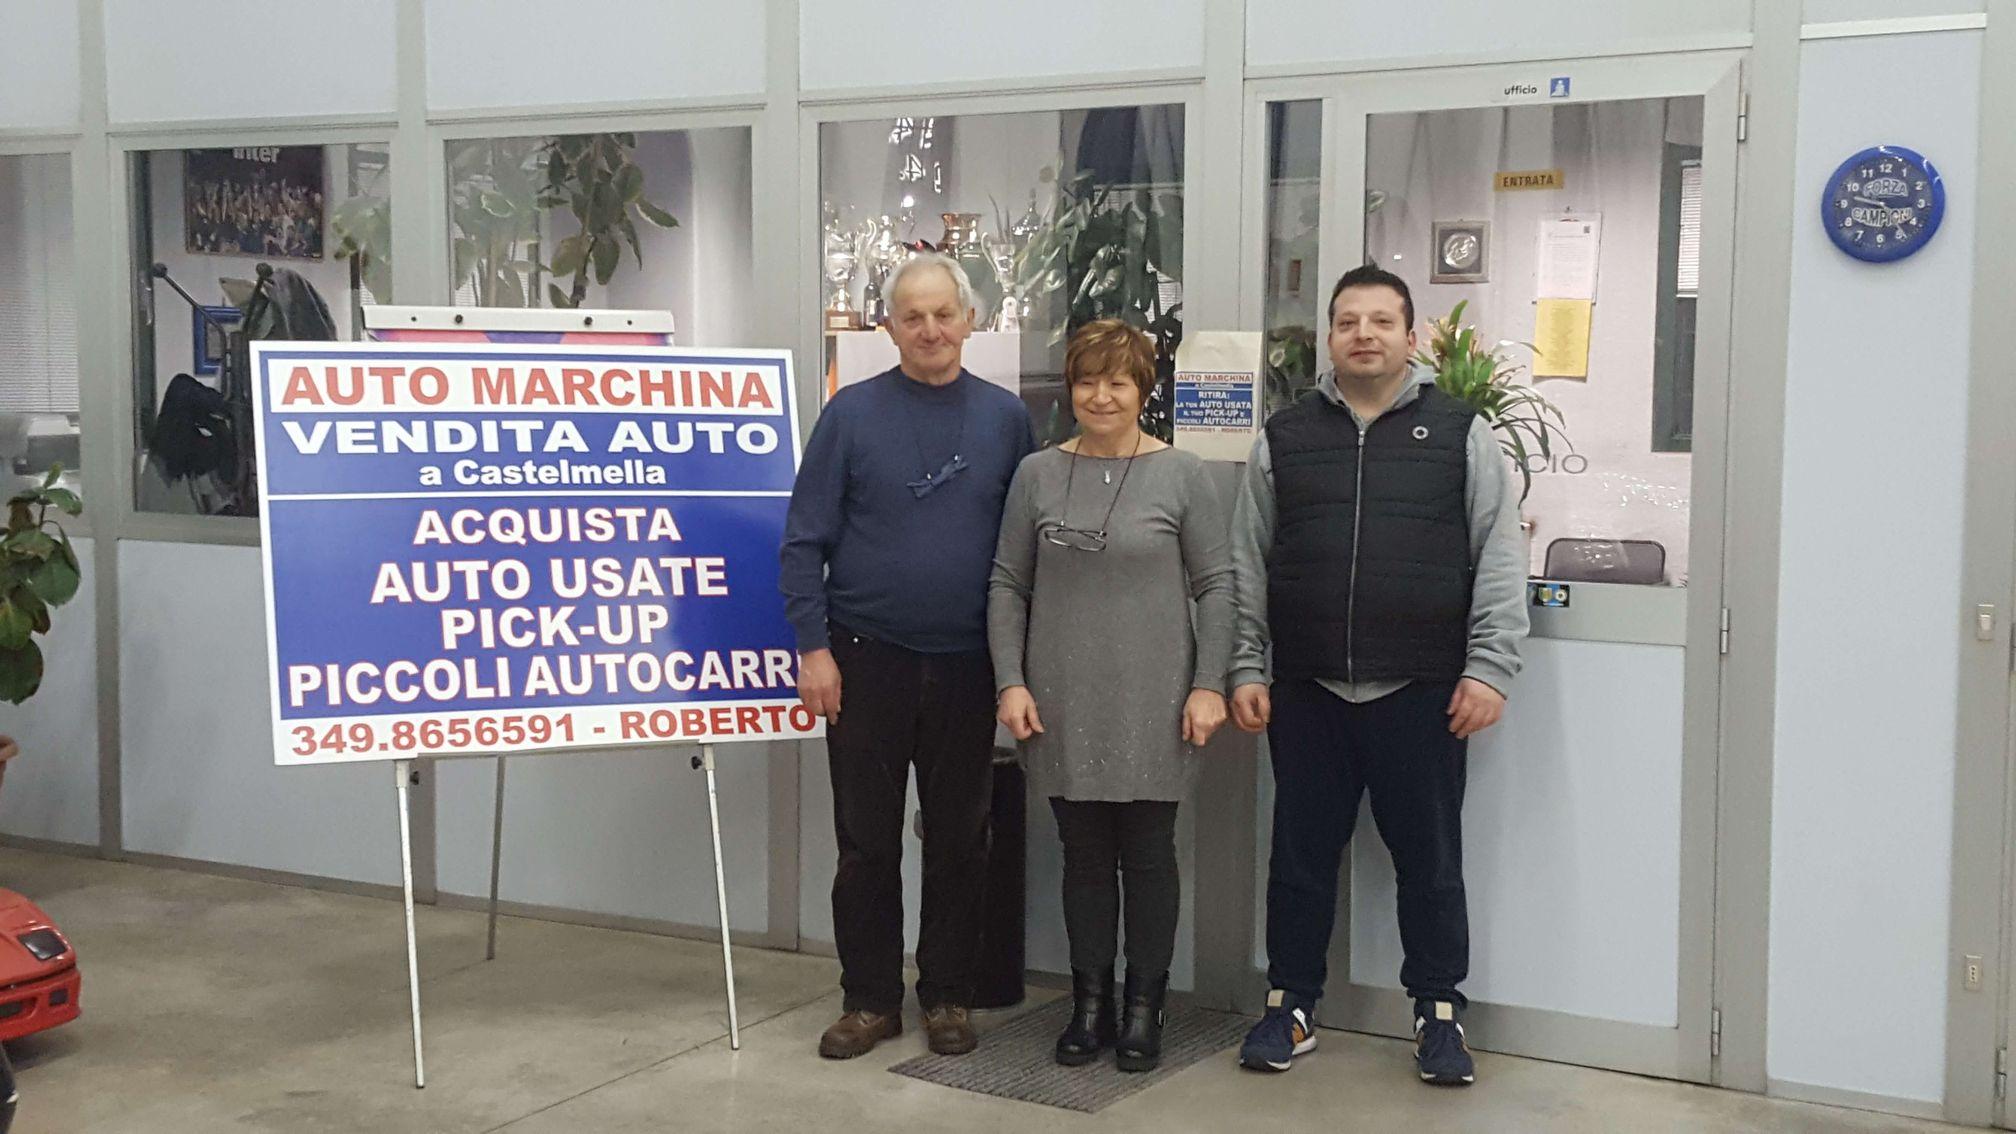 Autoriparazioni Marchina Roberto & C. - Castel Mella (Brescia)